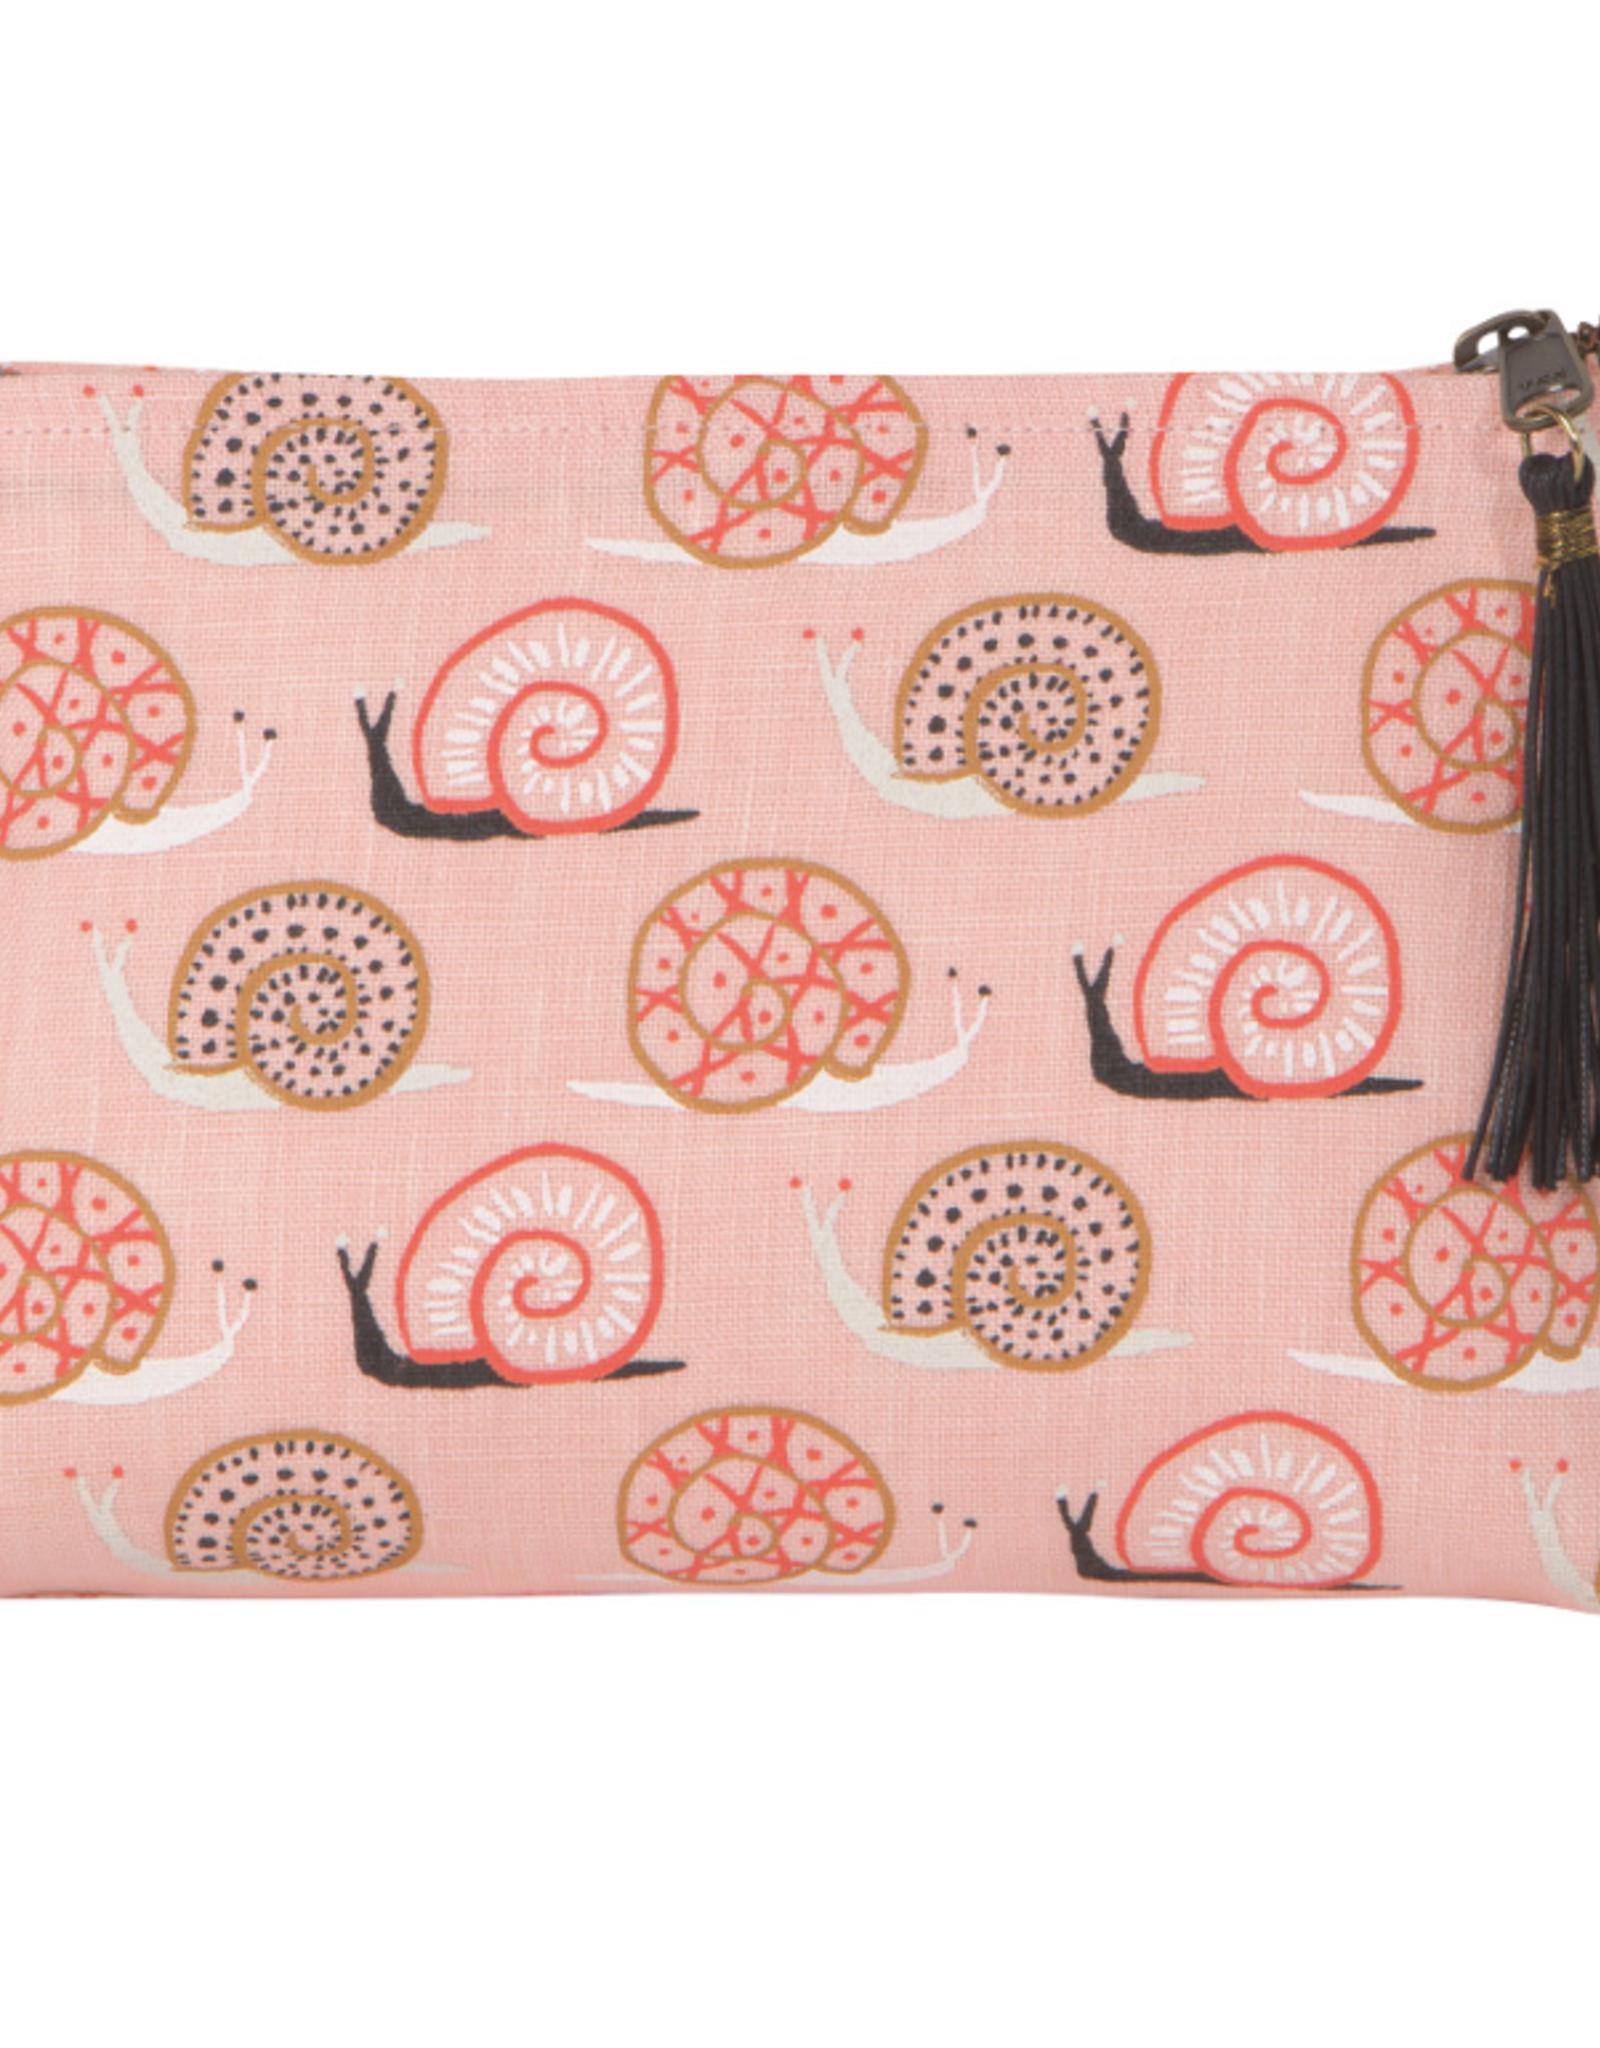 Danica Danica - Small World Small Cosmetic Bag